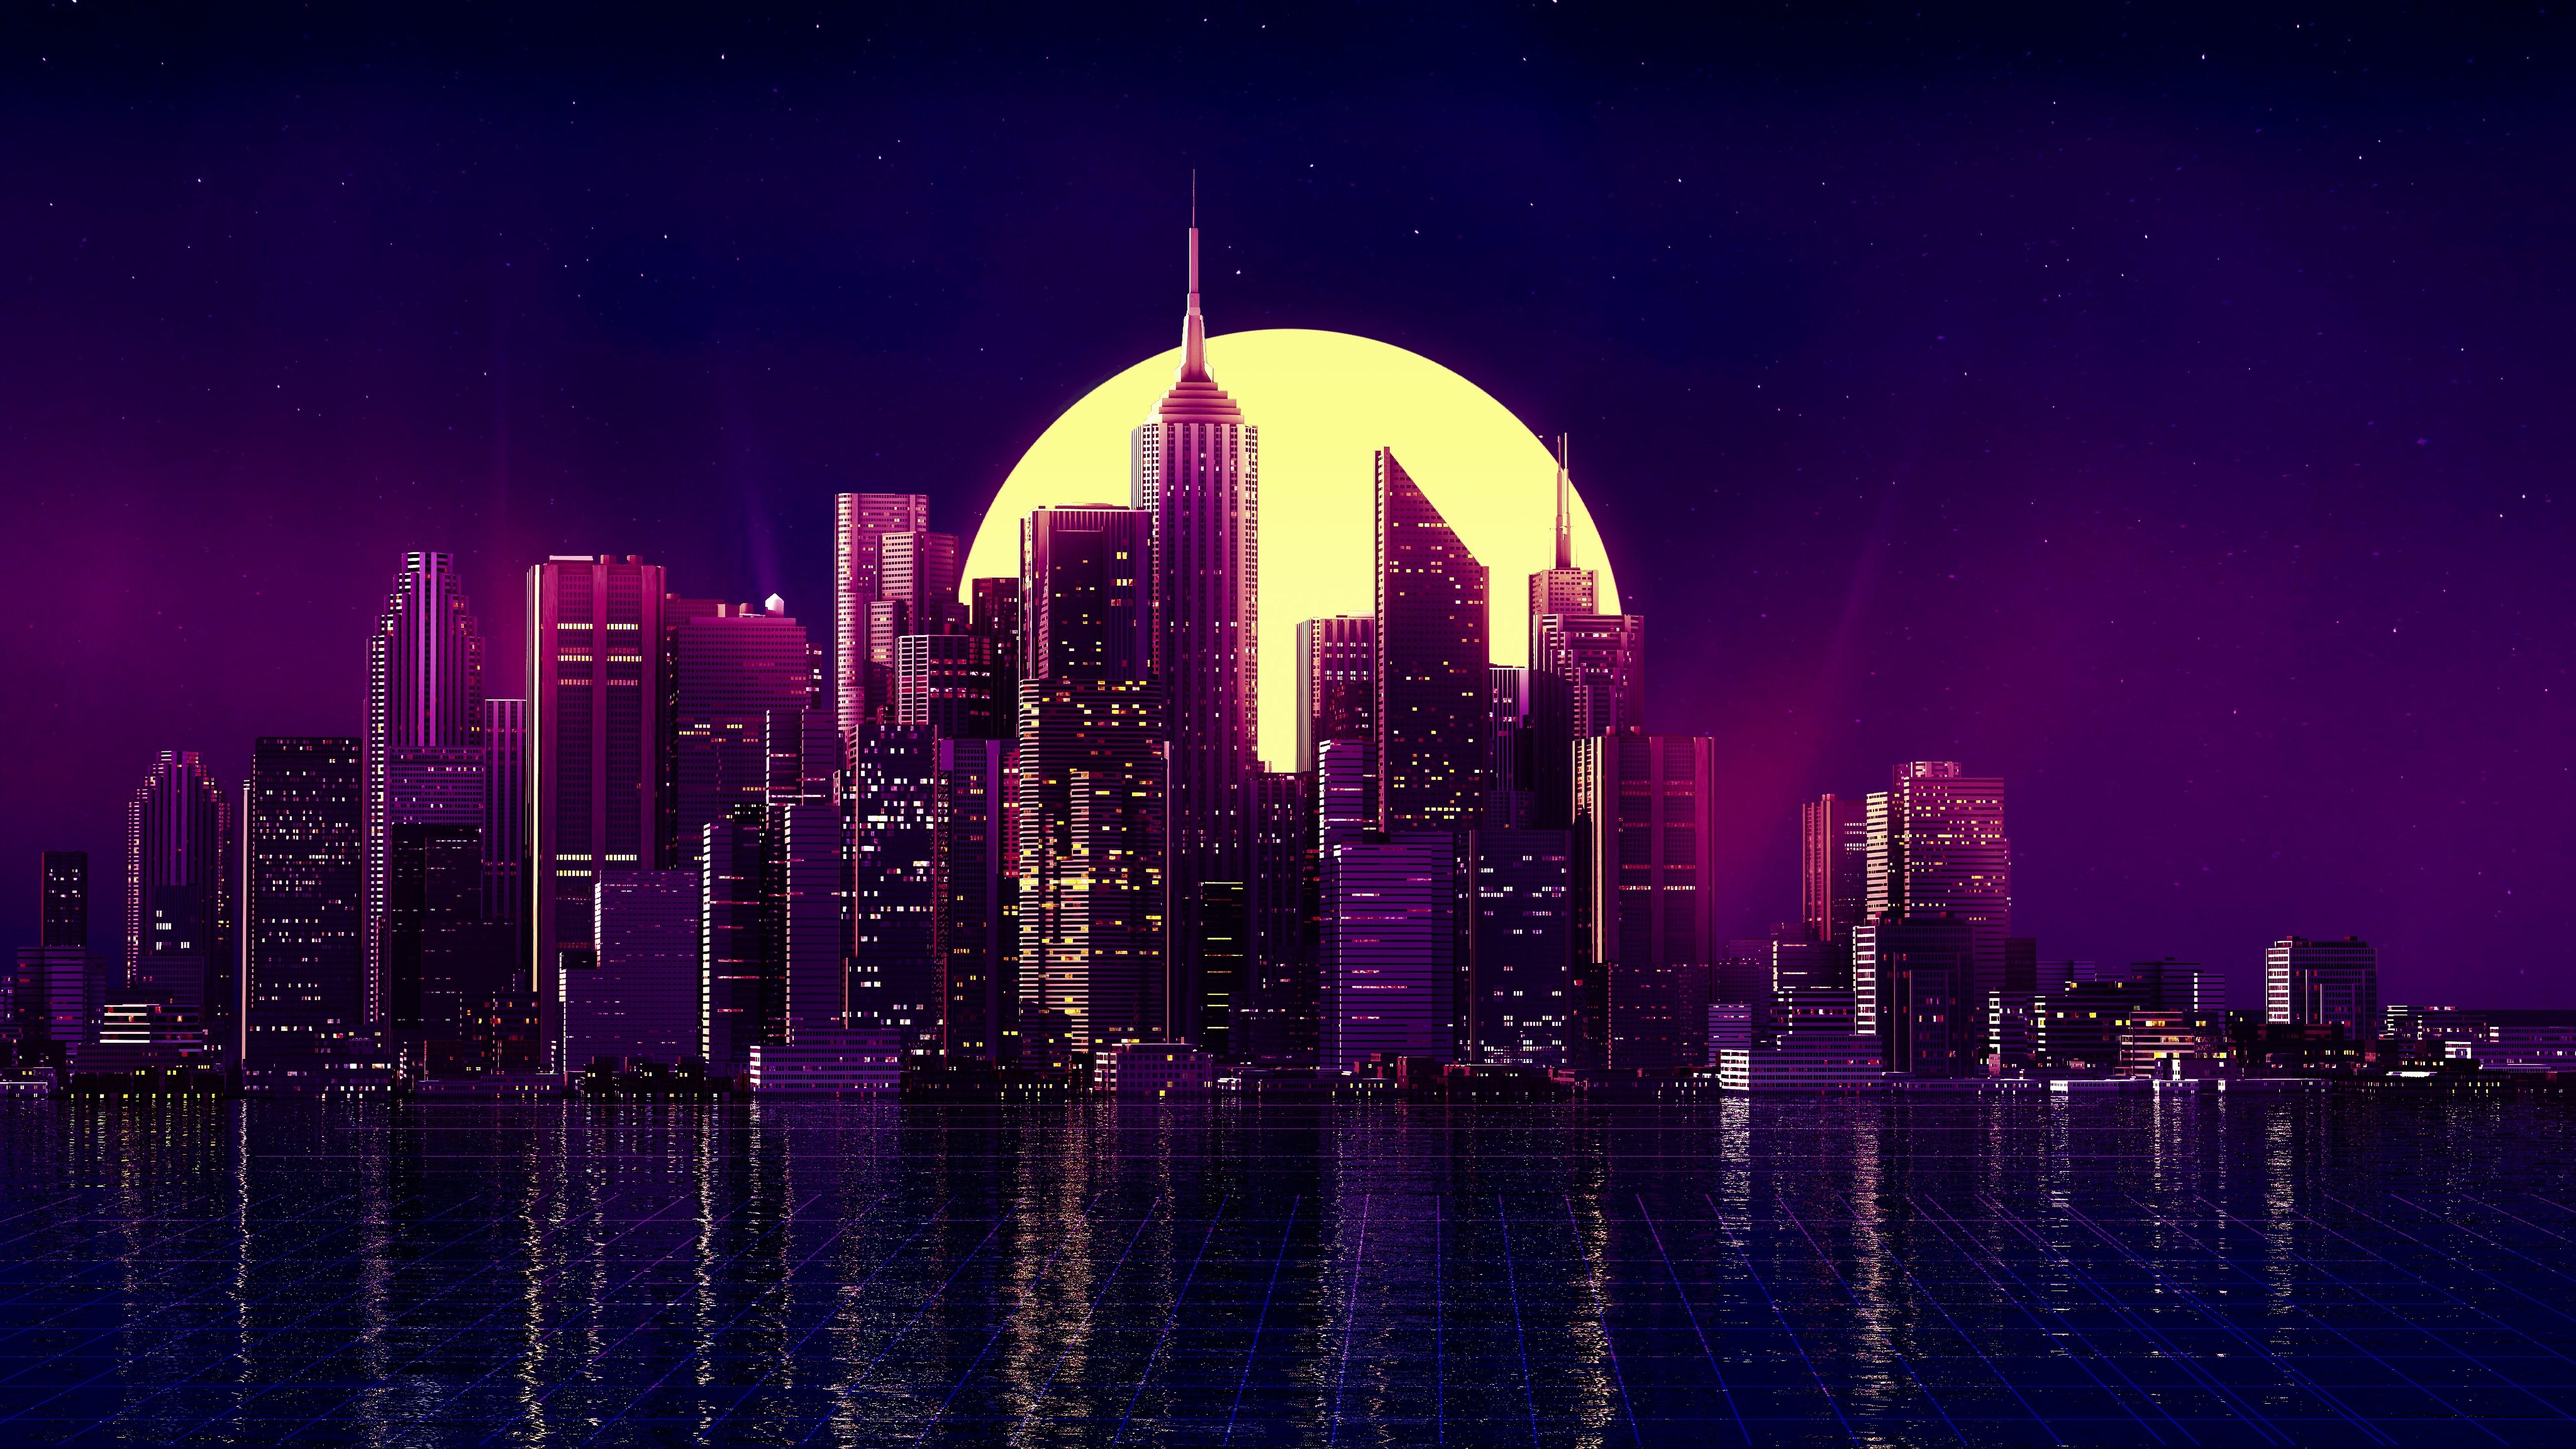 City Buildings Night Cityscape Skyscraper Minimalist 7680x4320